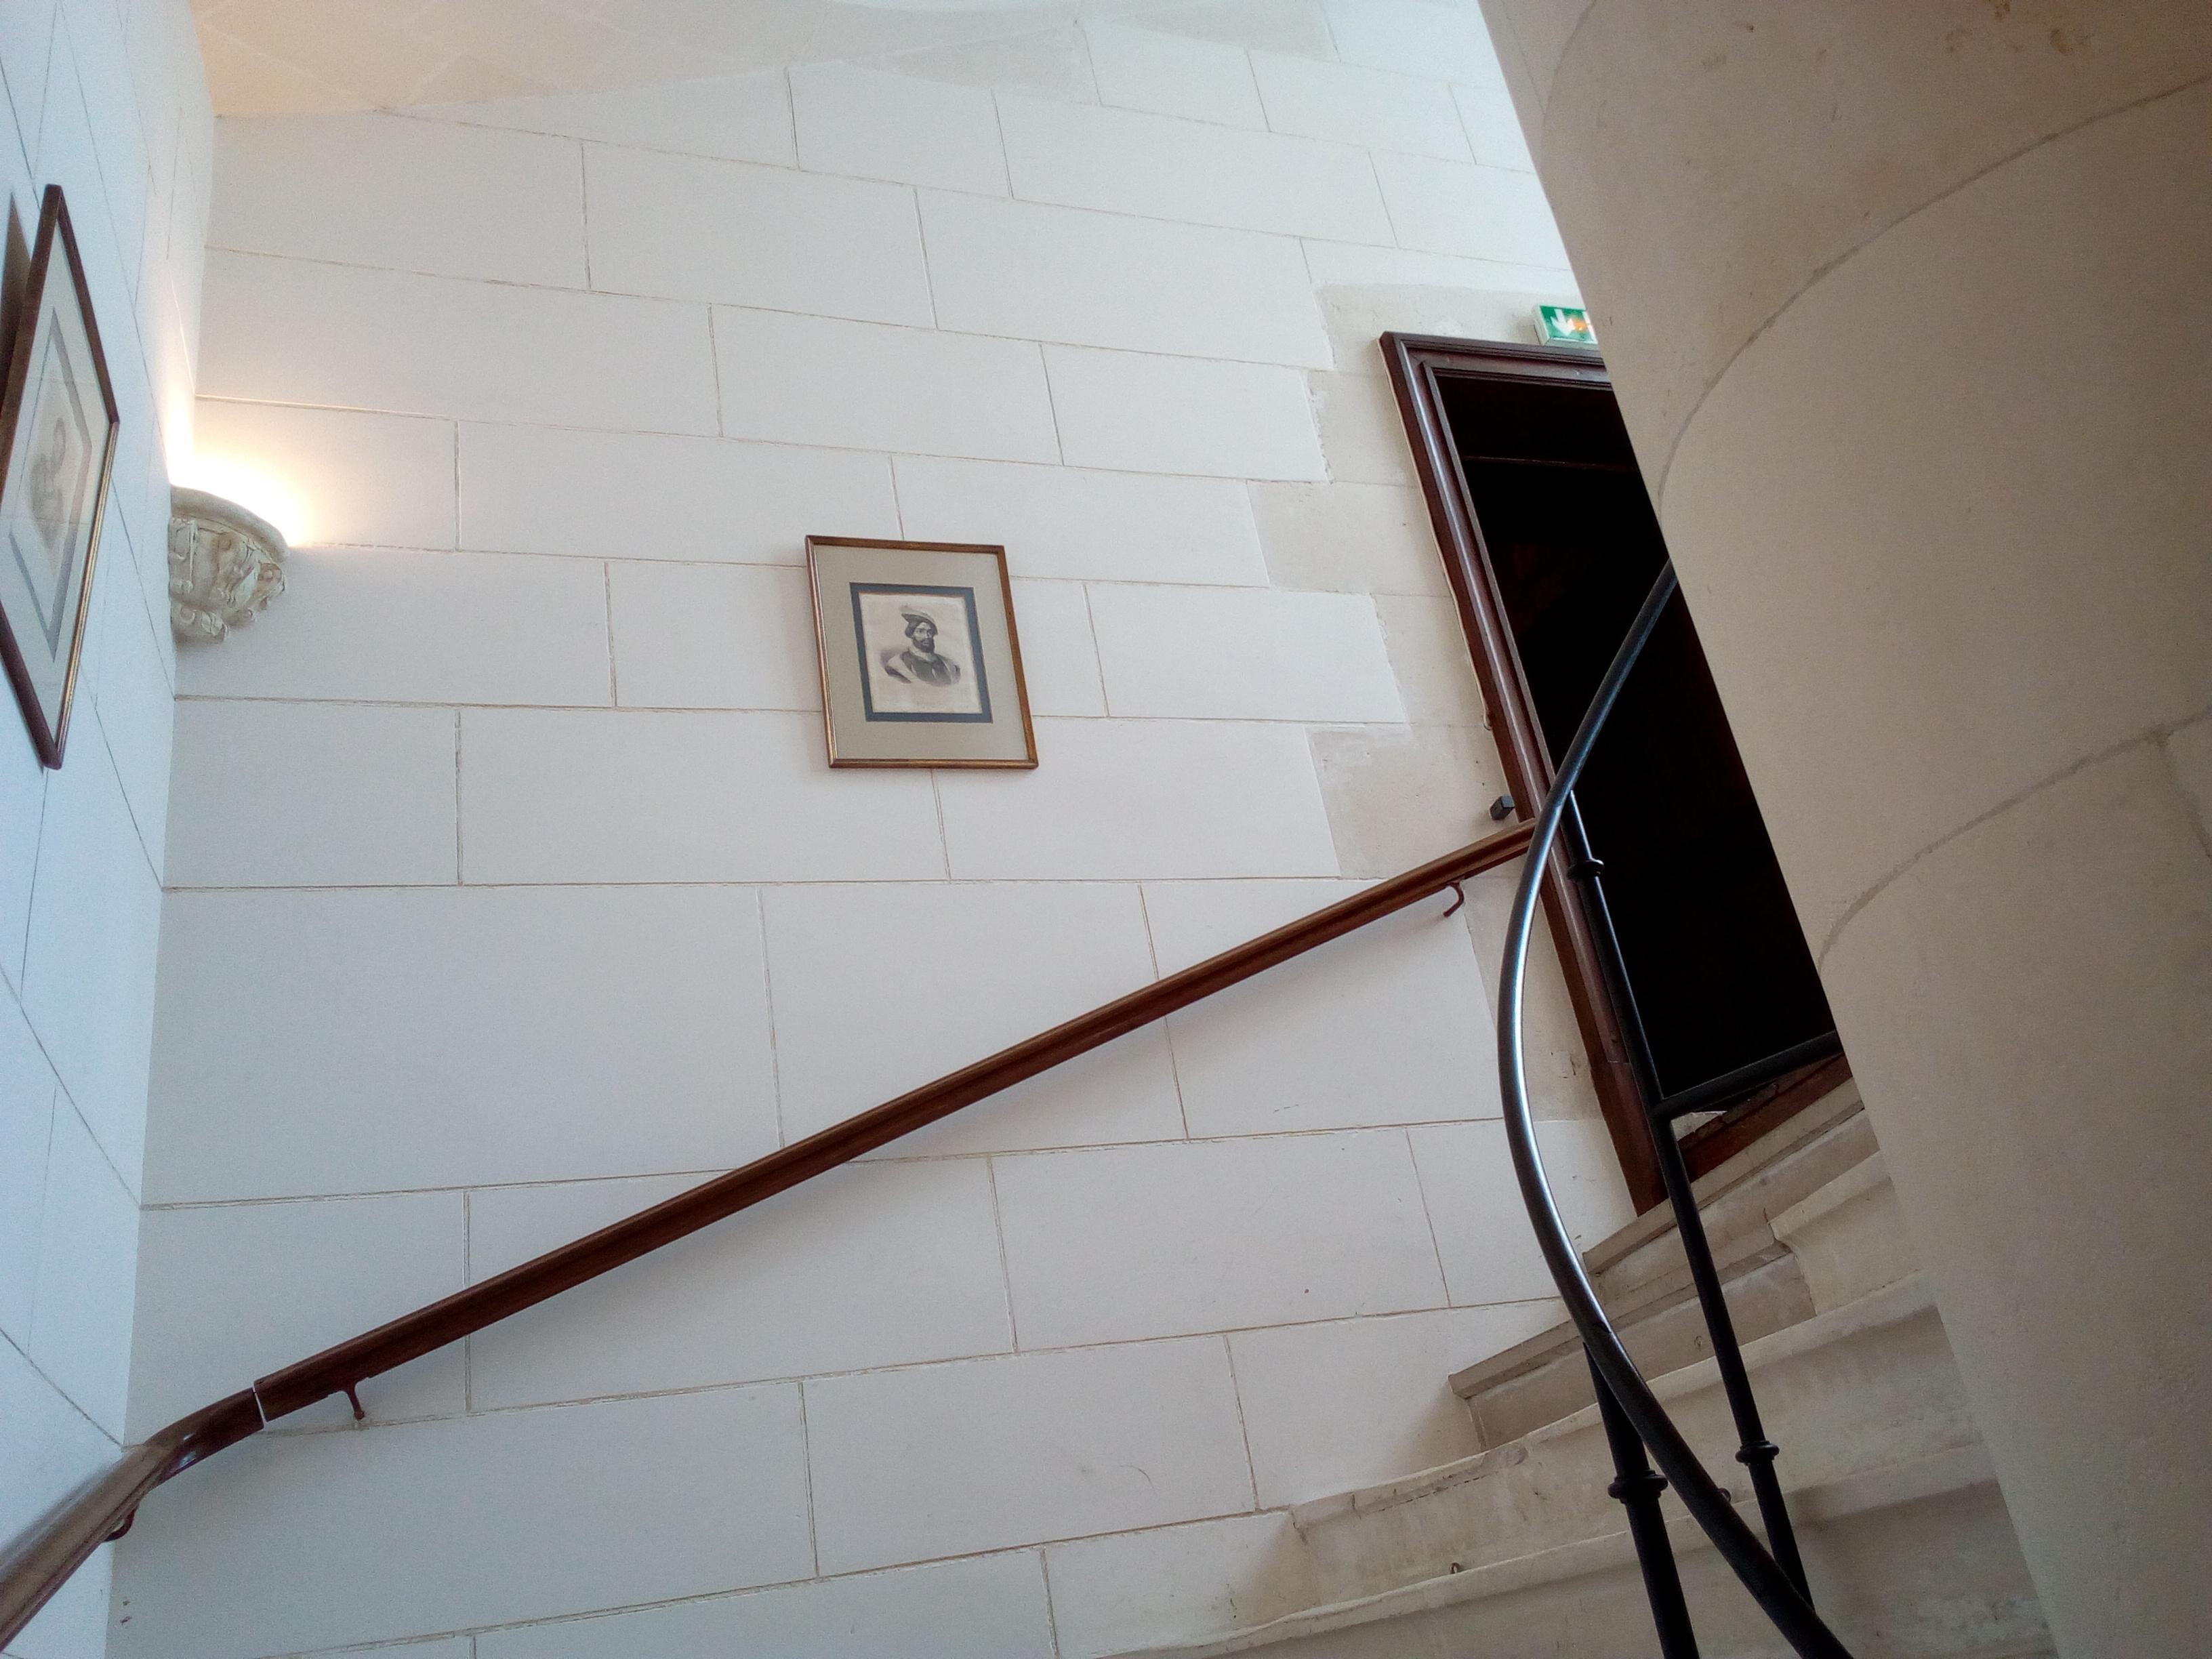 Château d'Ancy-le-Franc descente d'escalier depuis l'étage Noble